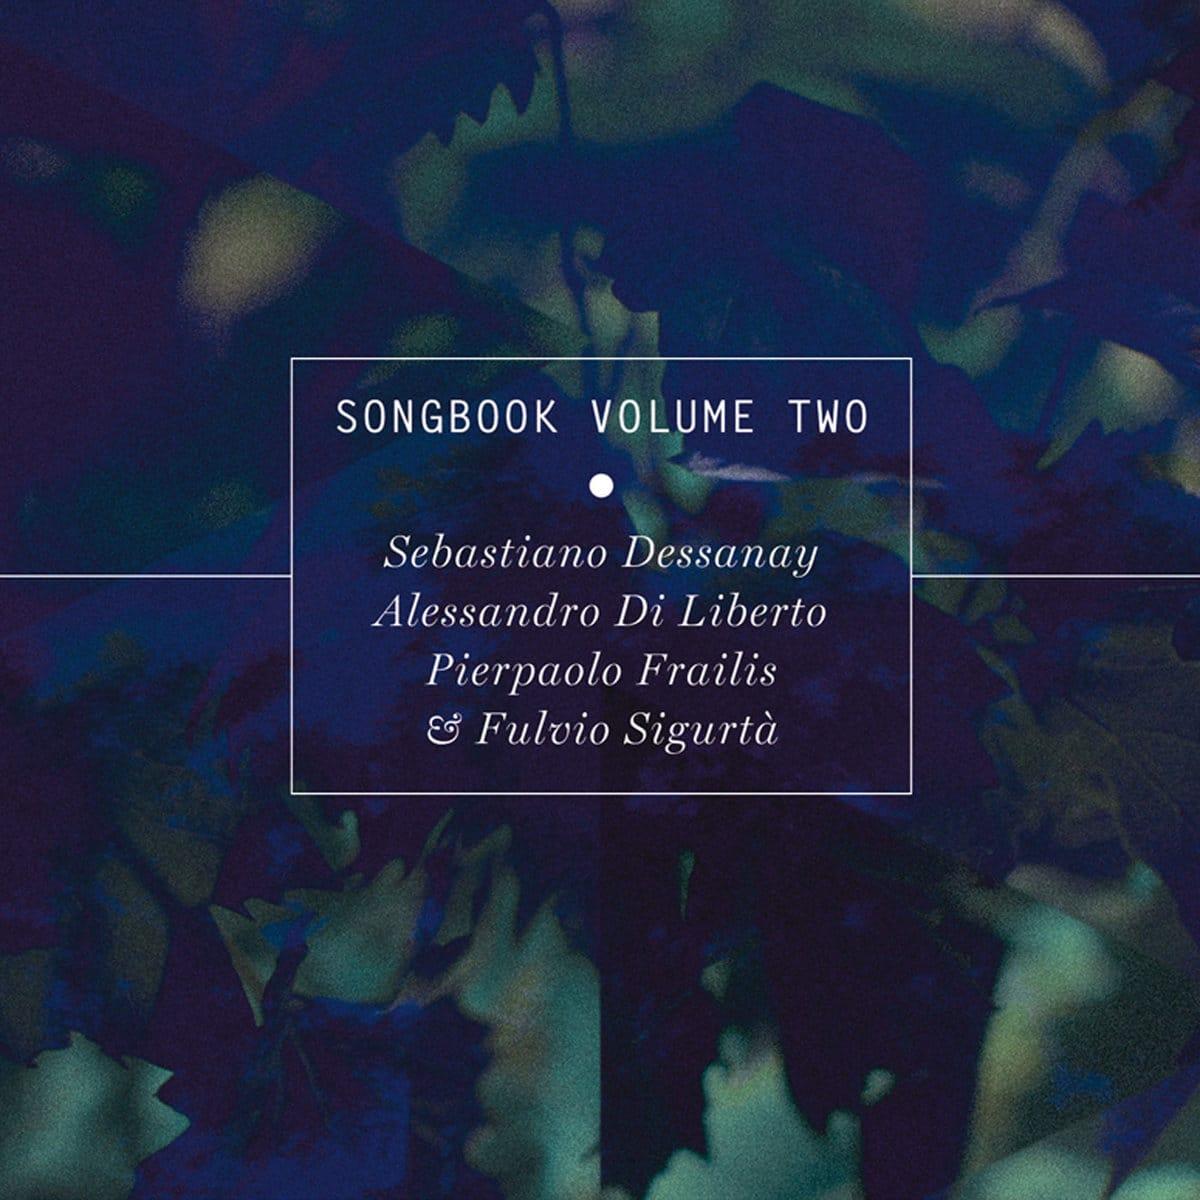 Songbook Volume One, Sebastiano Dessanay